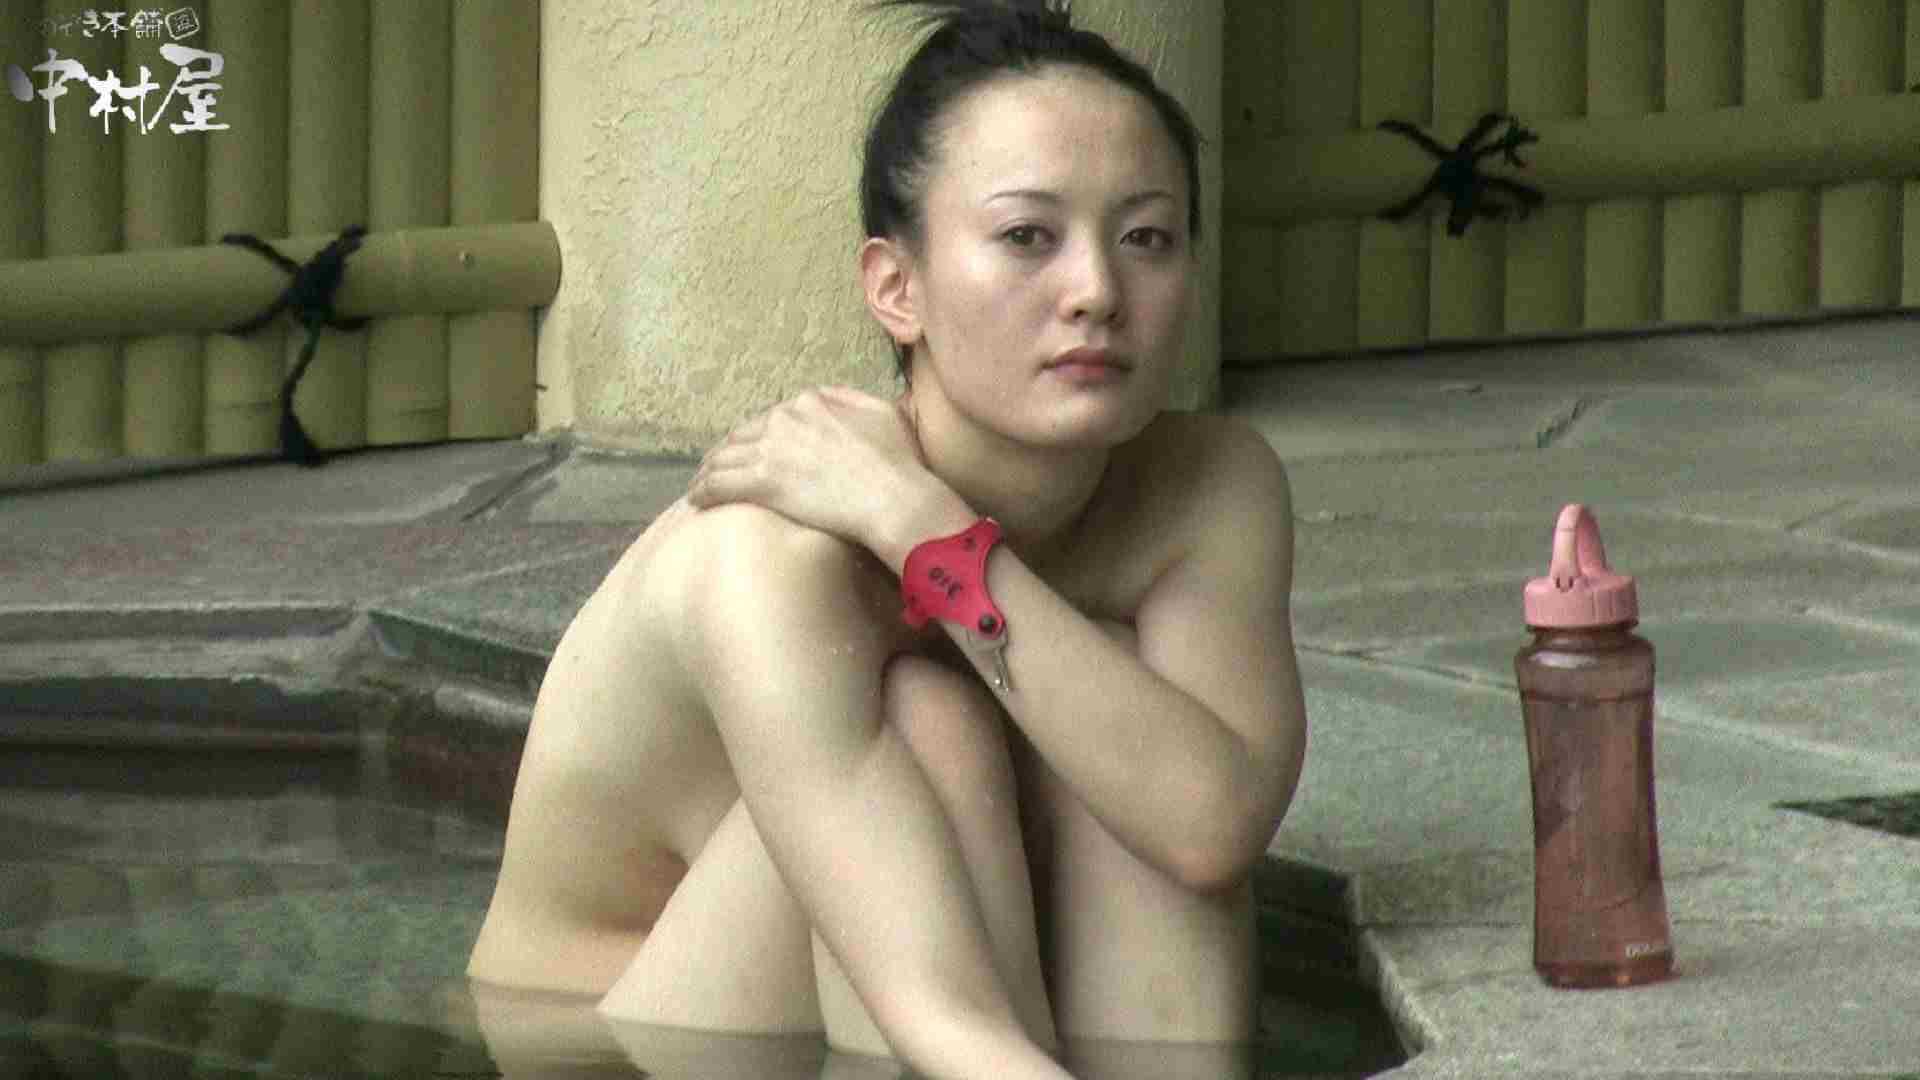 Aquaな露天風呂Vol.900 美しいOLの裸体  86pic 69